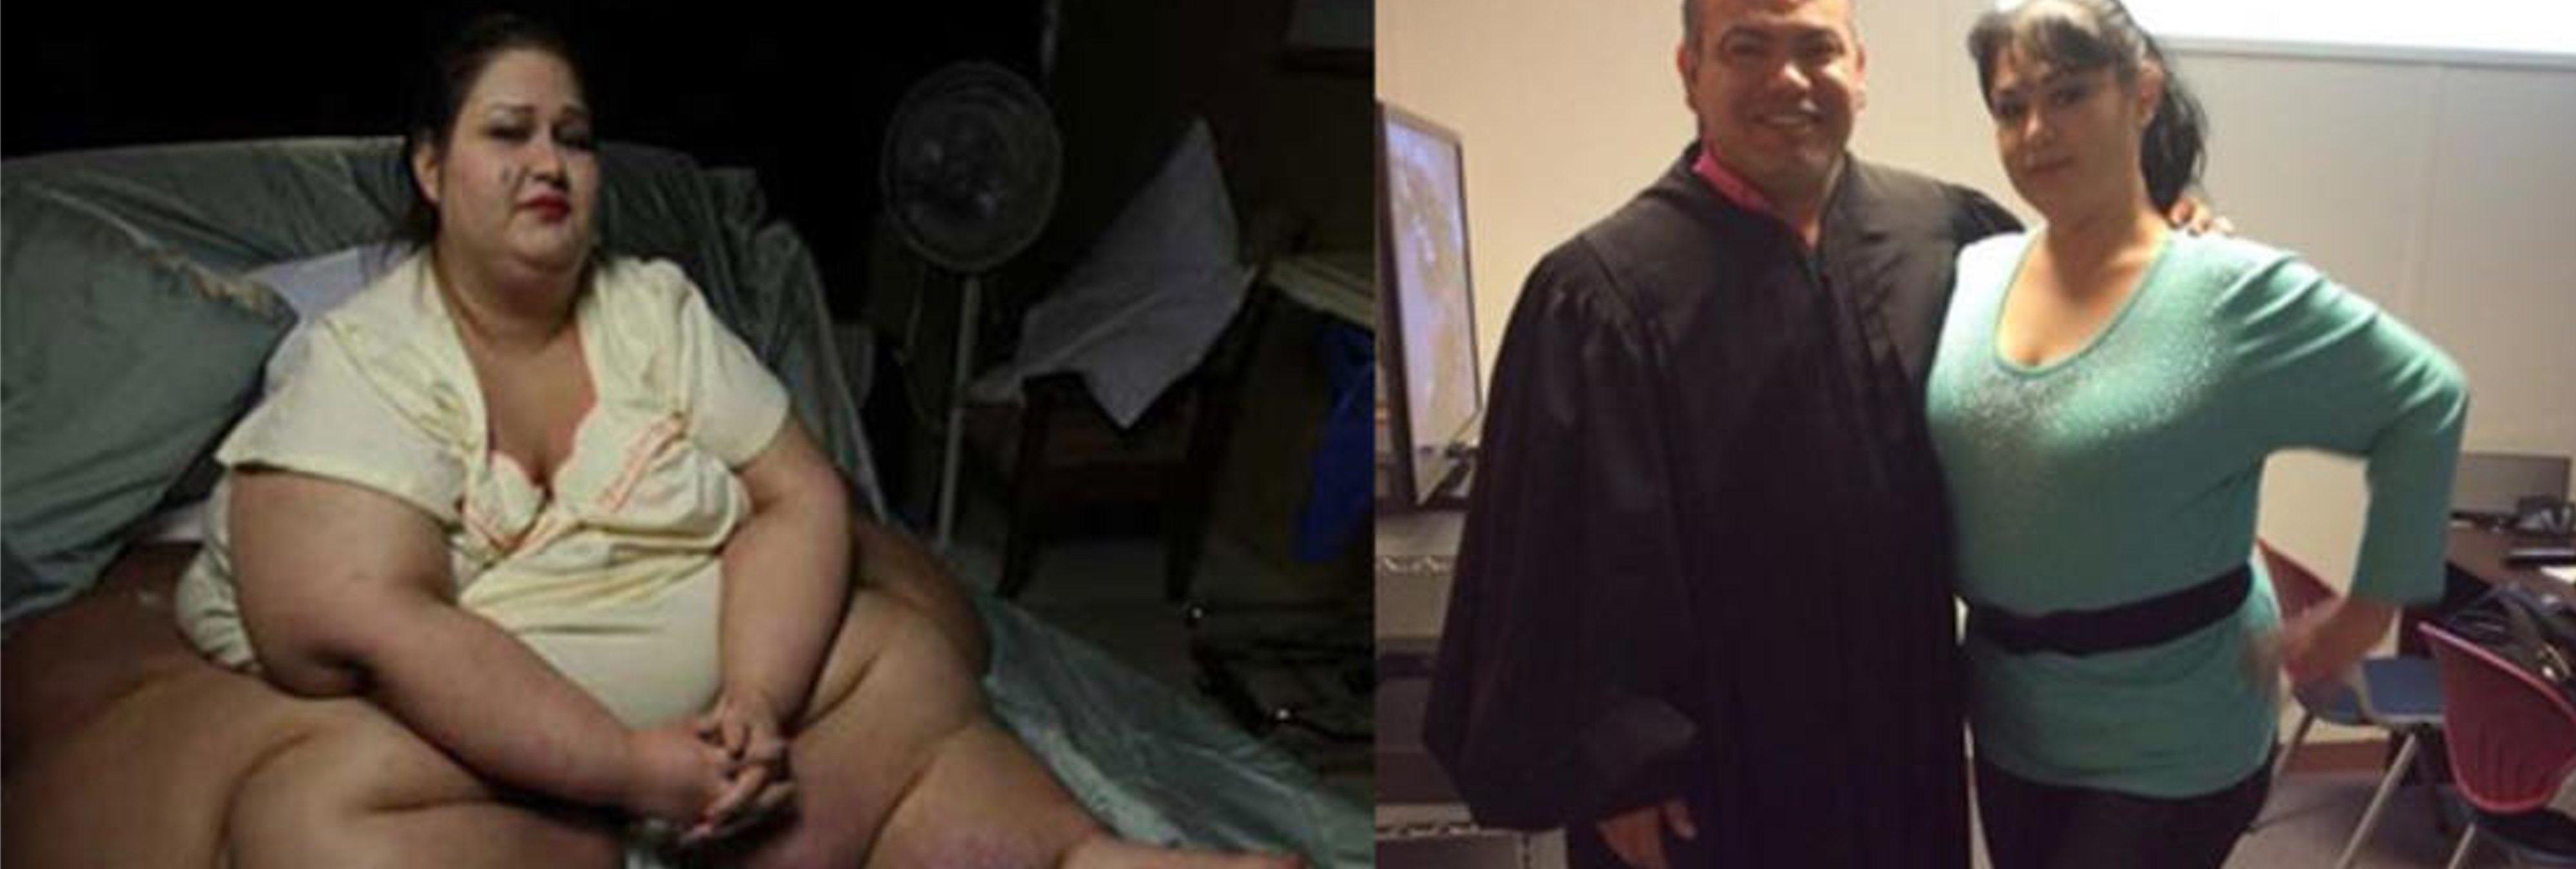 El increíble cambio físico de la mujer más obesa del mundo